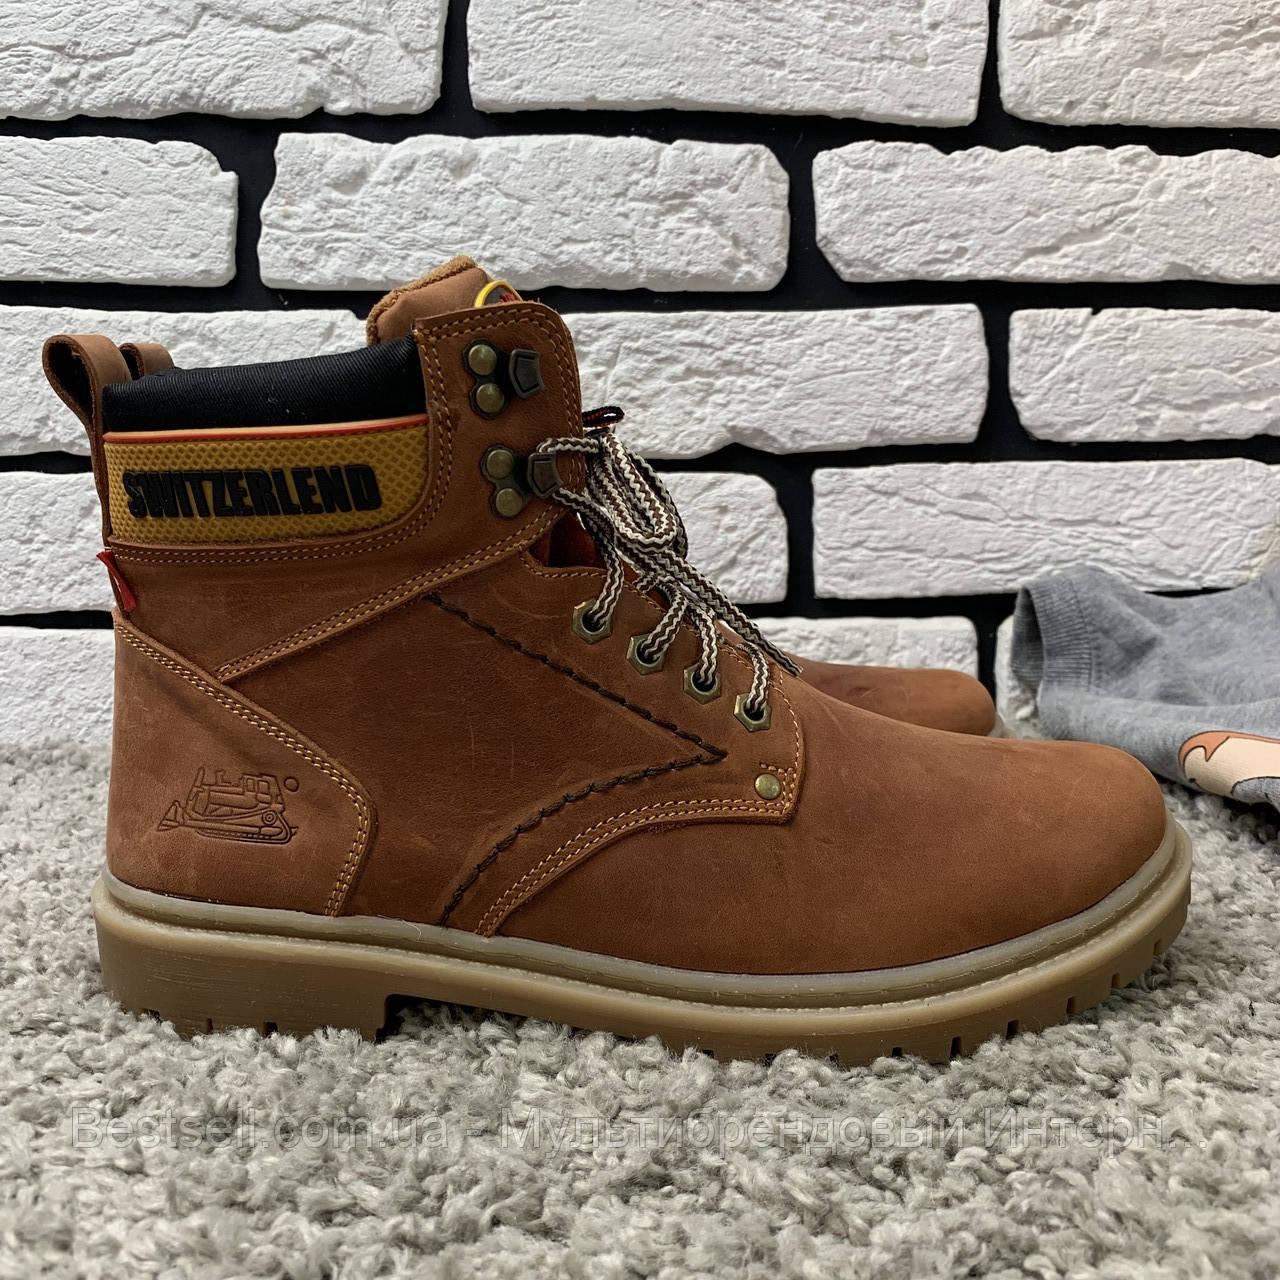 Зимние ботинки (на меху) Switzerland 13025 ⏩ [ 41,45 ]